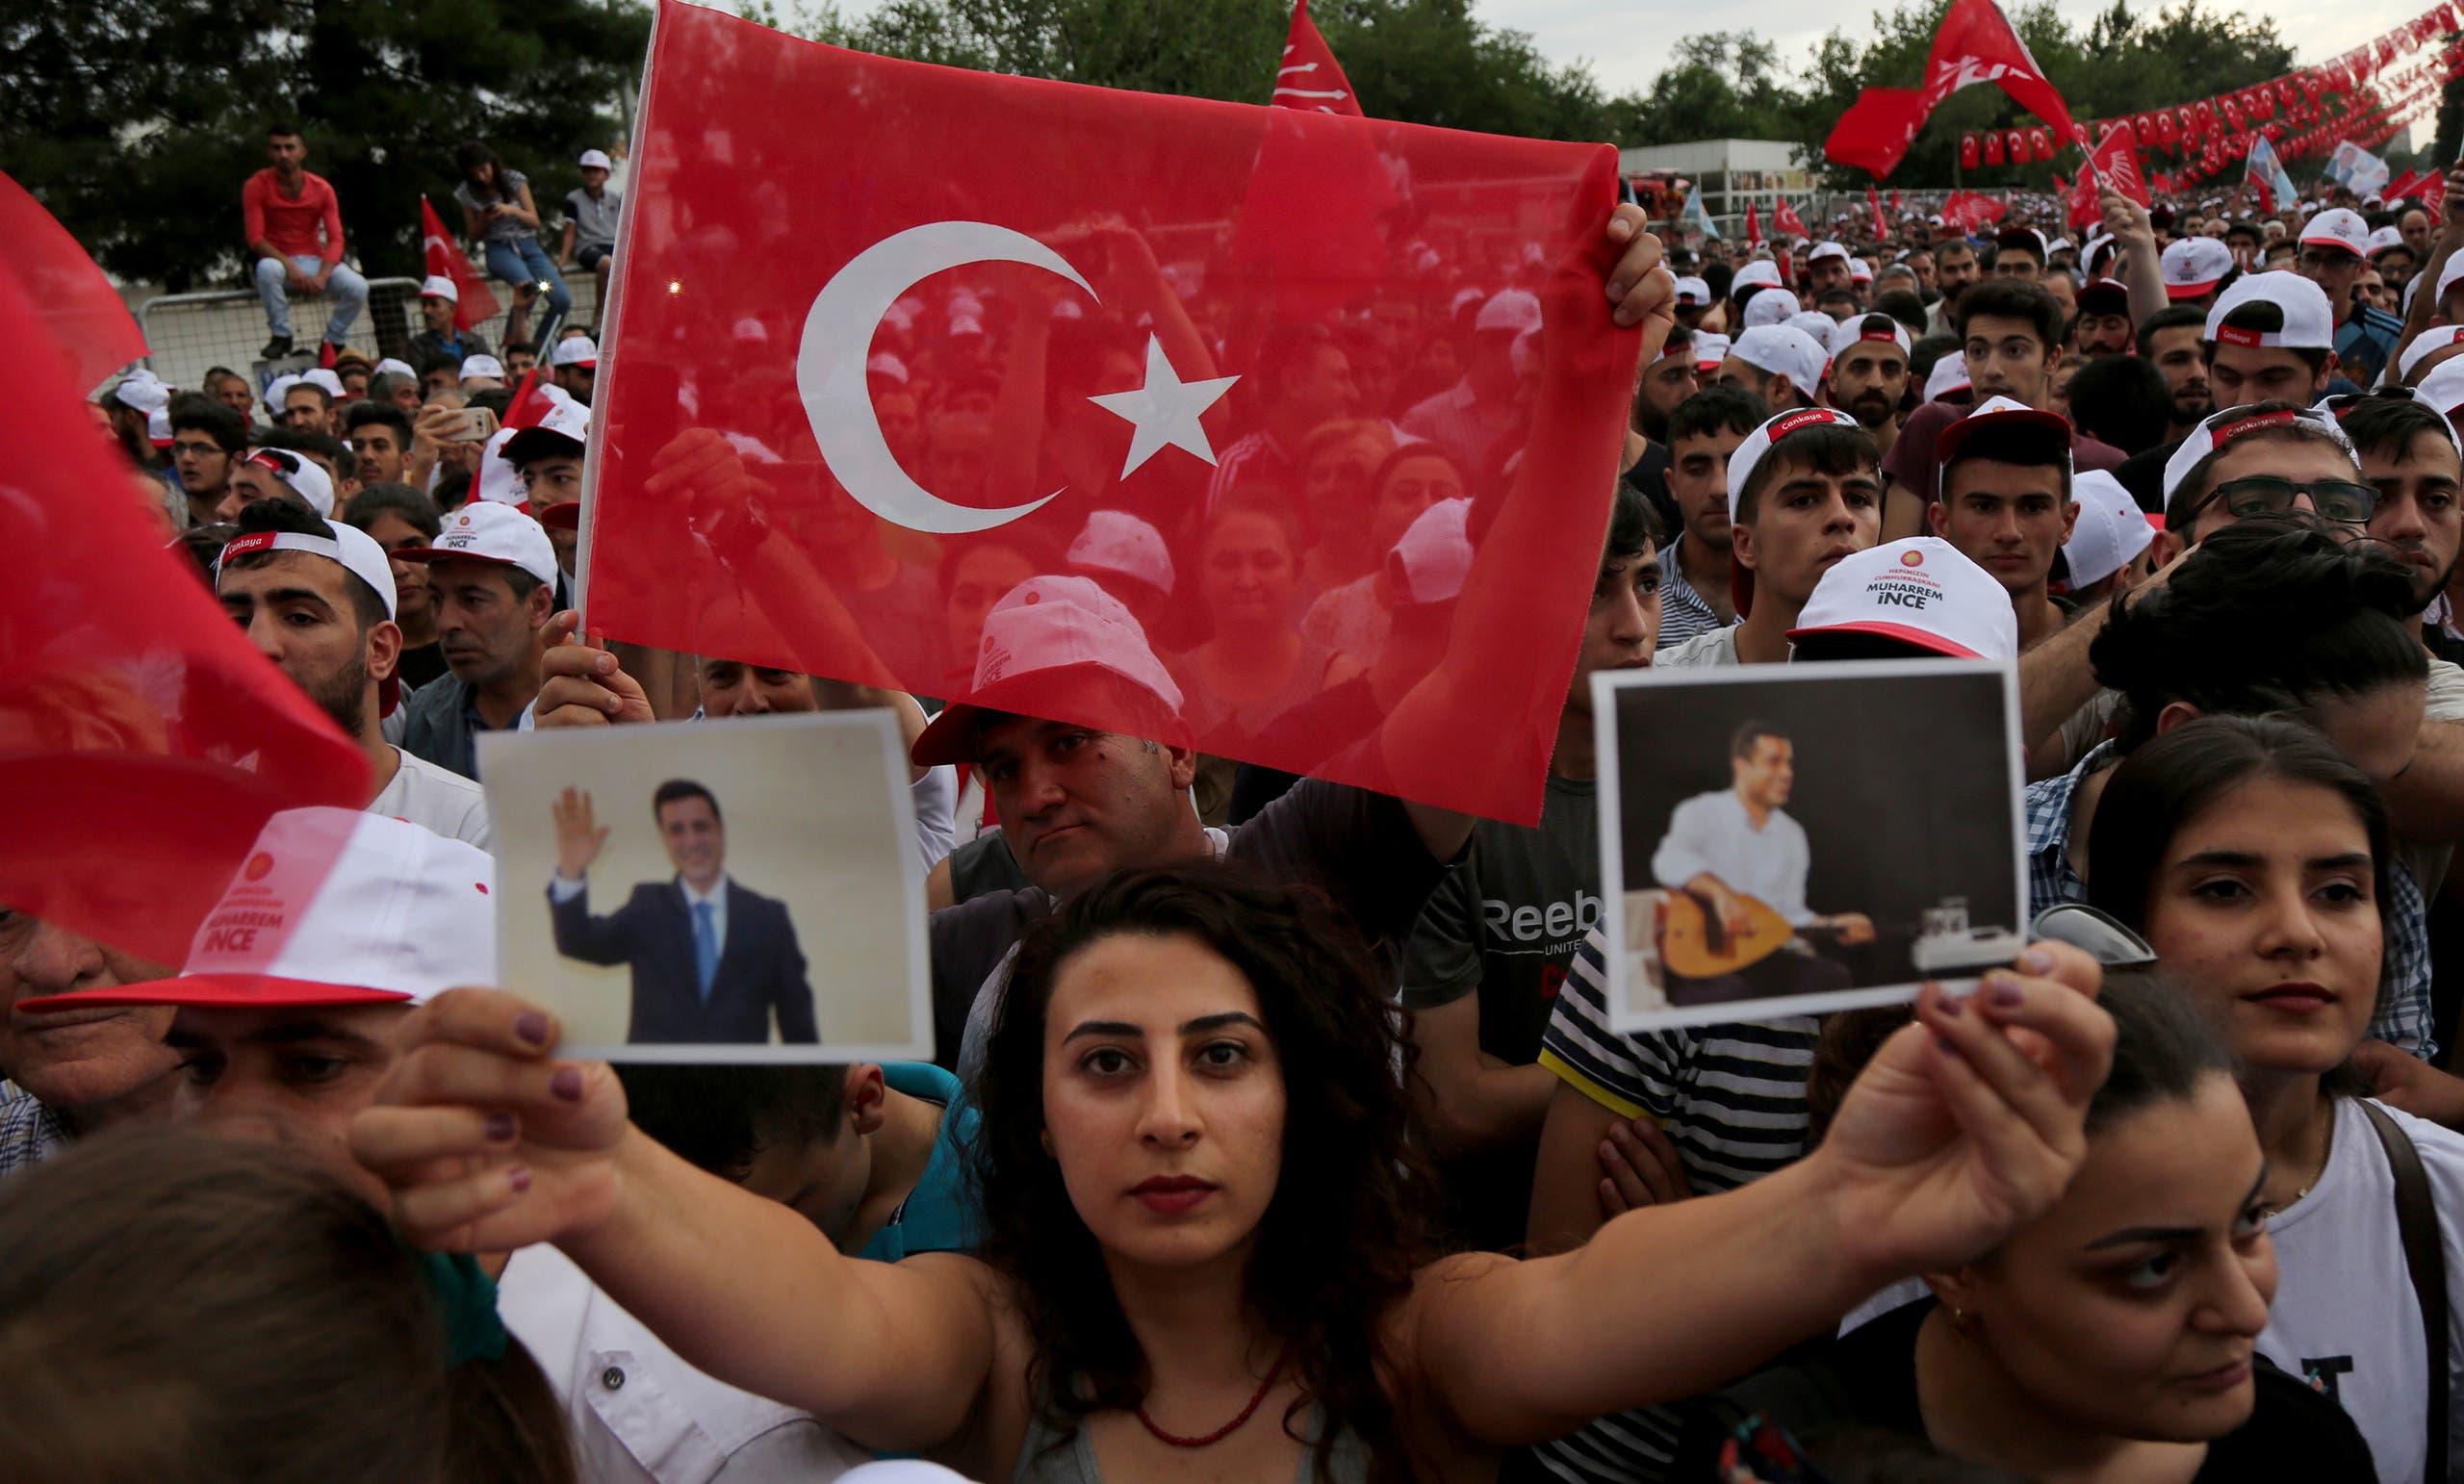 مناصرة لحزب الشعوب الديمقراطي تحمل صورة لديمرتاش خلال تجمع في دياربكر